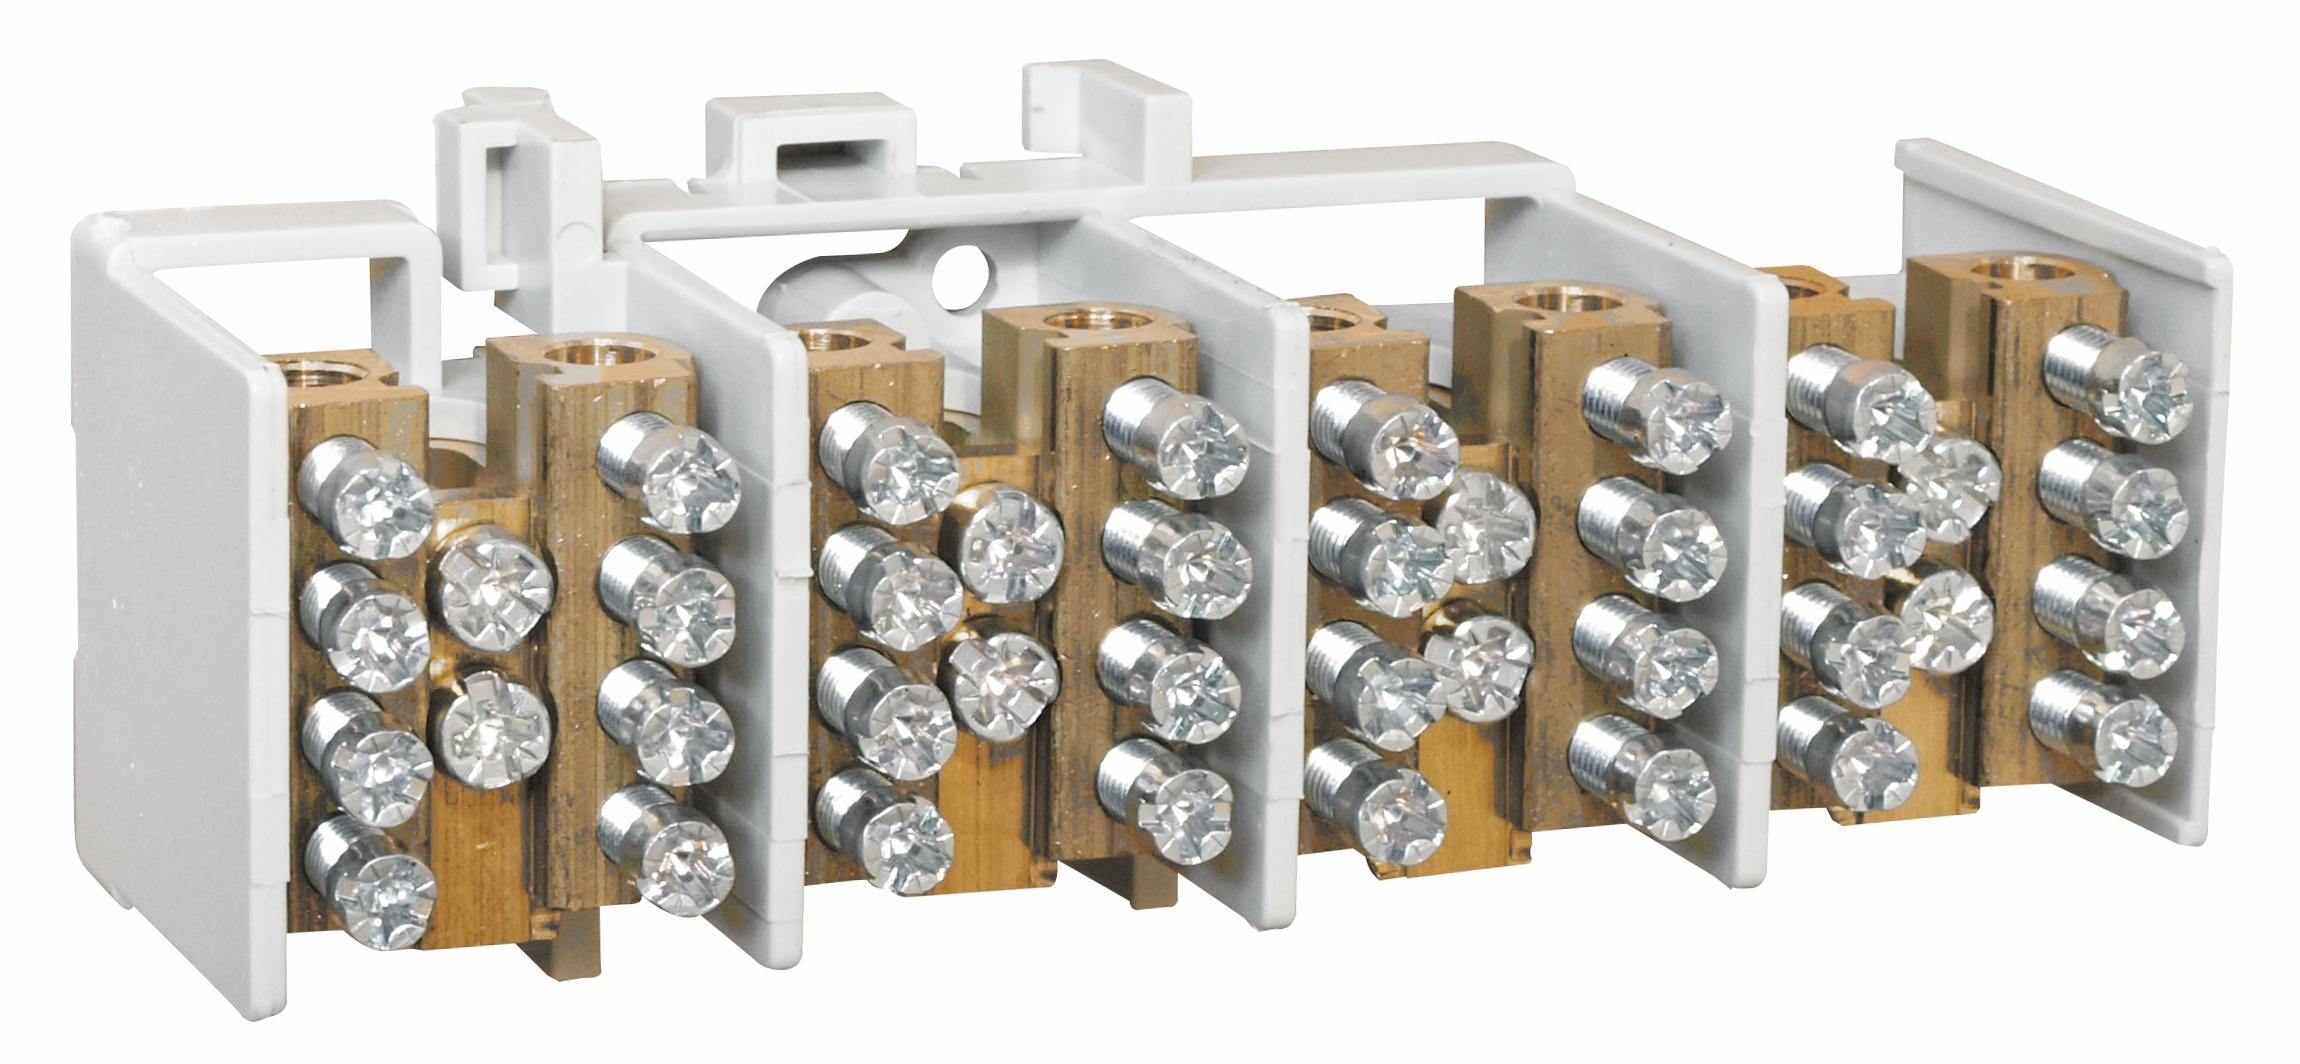 1 Stk Hauptklemme blank 25mm², 4-polig, 4x4x16mm² SI022330--